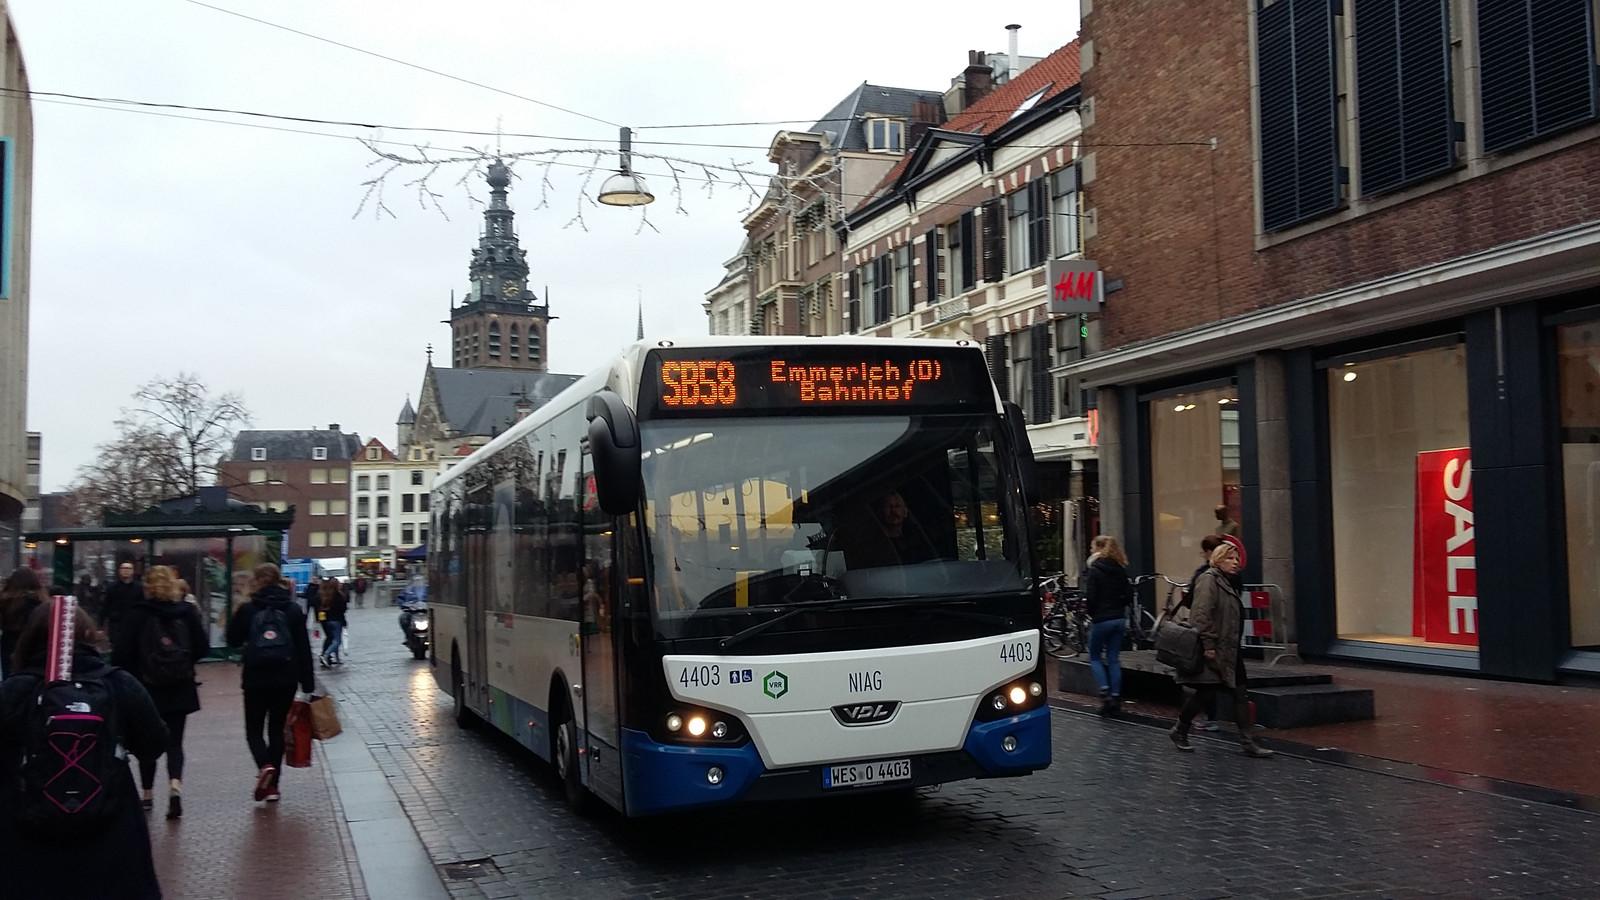 Bus 58, ofwel de Duitse bus op de Burchtstraat in Nijmegen. Vanaf zondag zijn alle lijnbussen écht weg uit de deze straat, de discussie hierover heeft twintig jaar heeft geduurd.